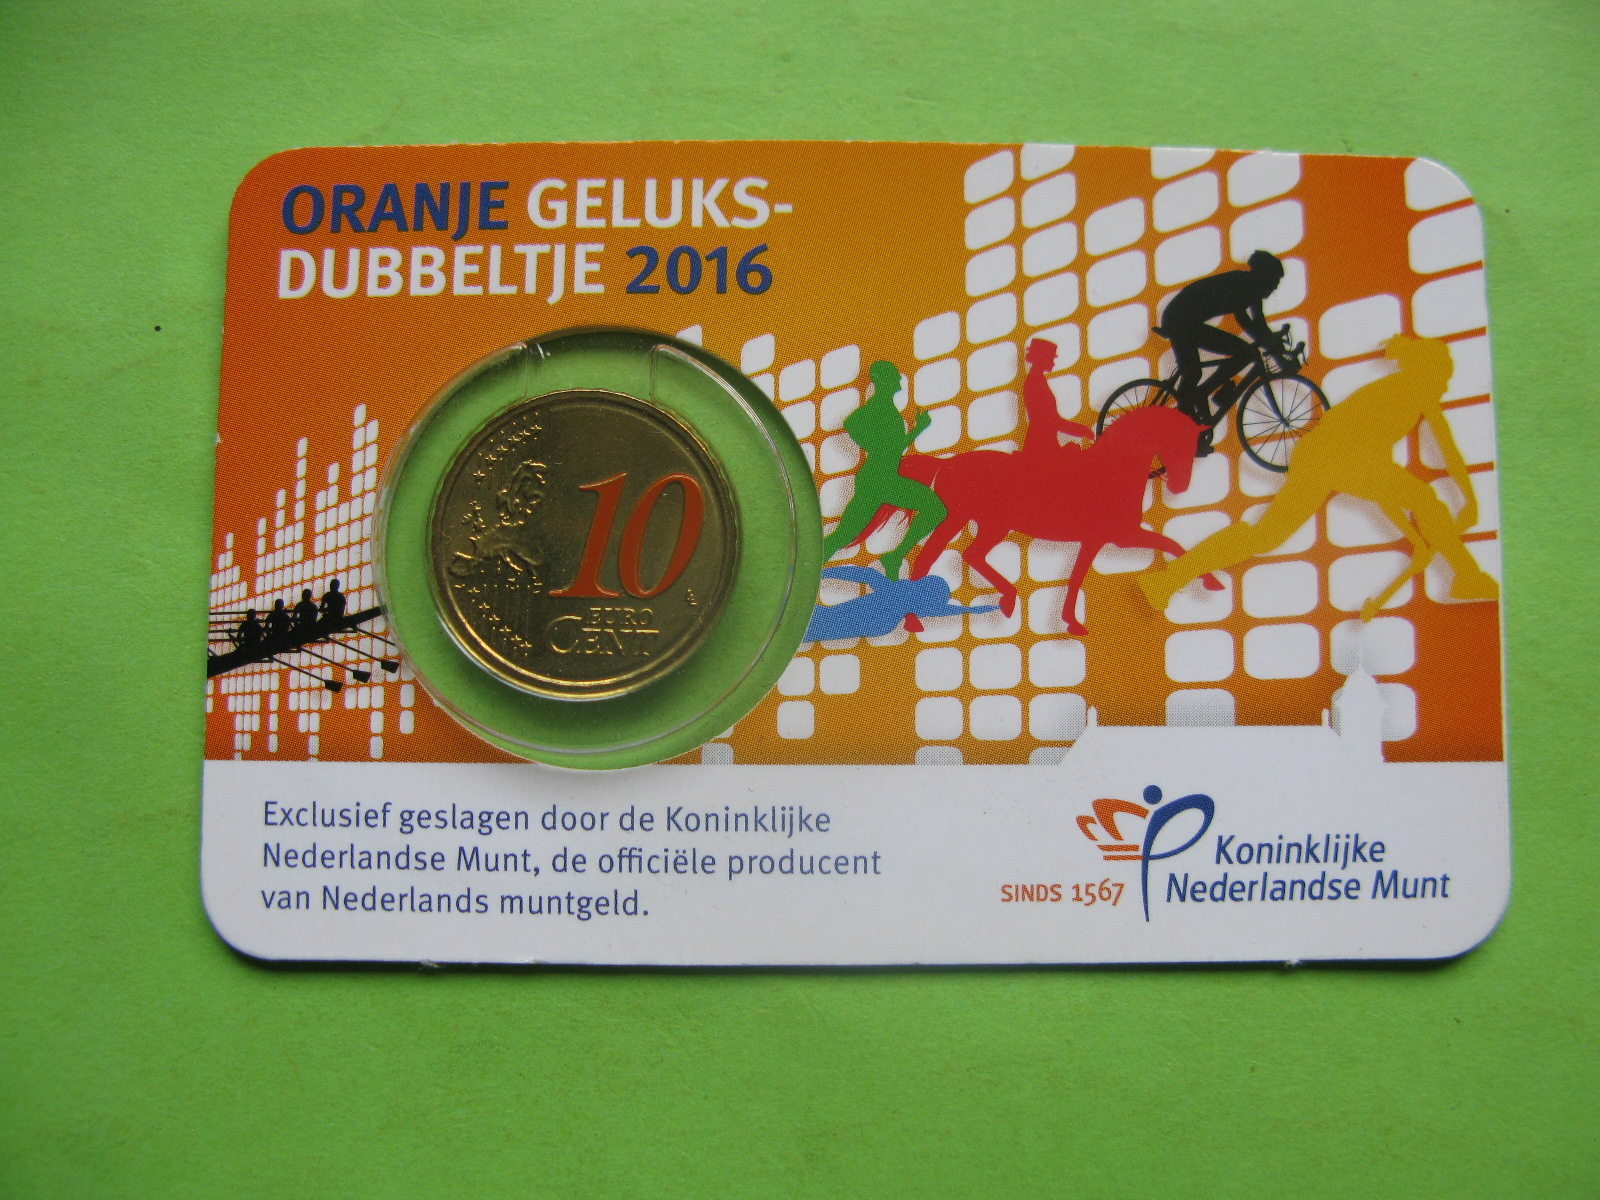 Нидерланды 10 евро центов 2016 г. в карточке.